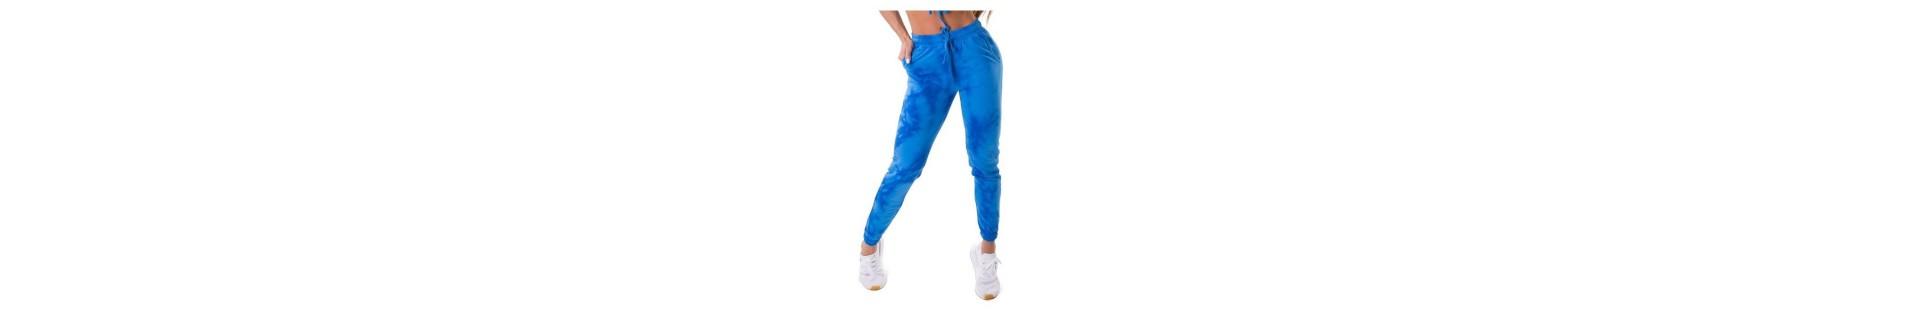 Pantaloni tuta sportivi, per bodybuilding e tempo libero, larghi